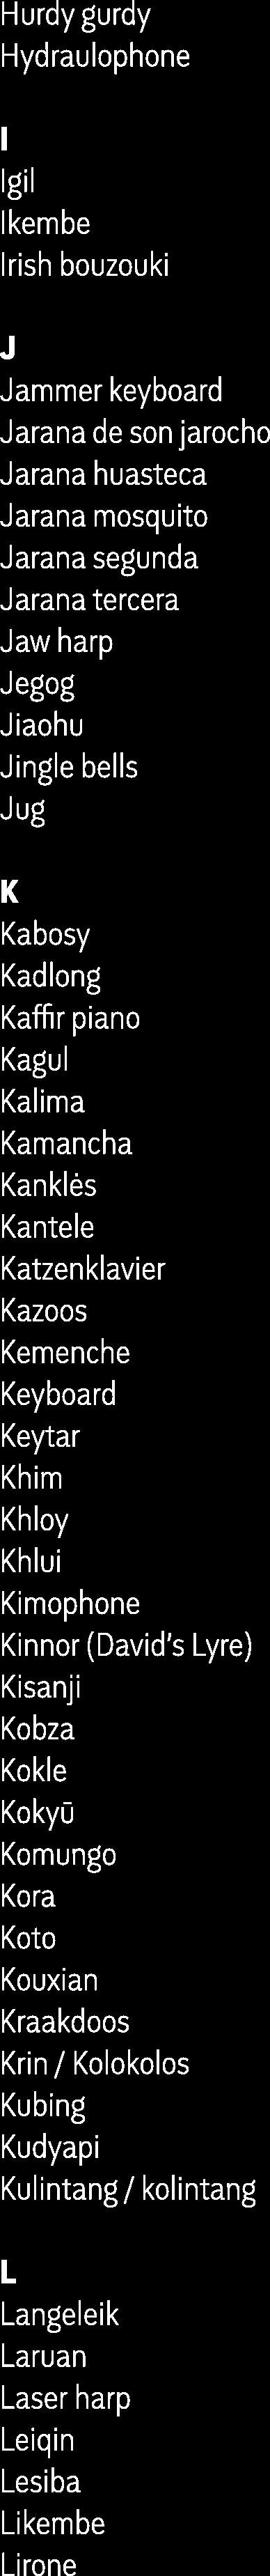 Image-List2